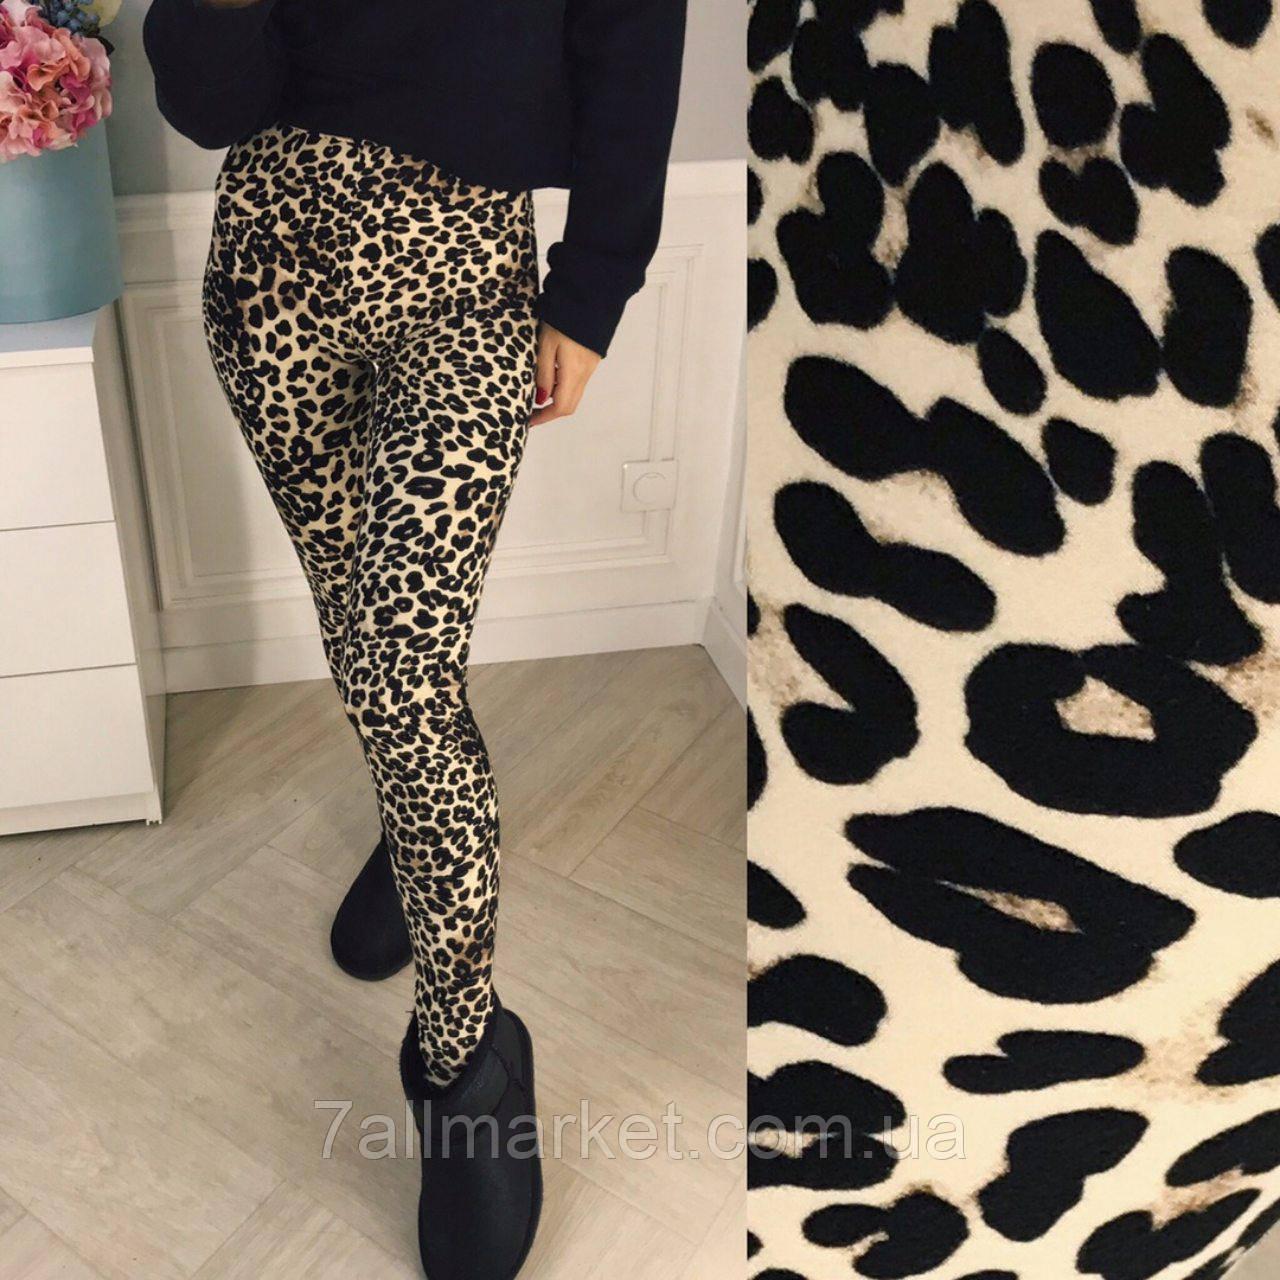 579c2b9de92d2 Лосины женские леопардовые с напылением размеры 42-58